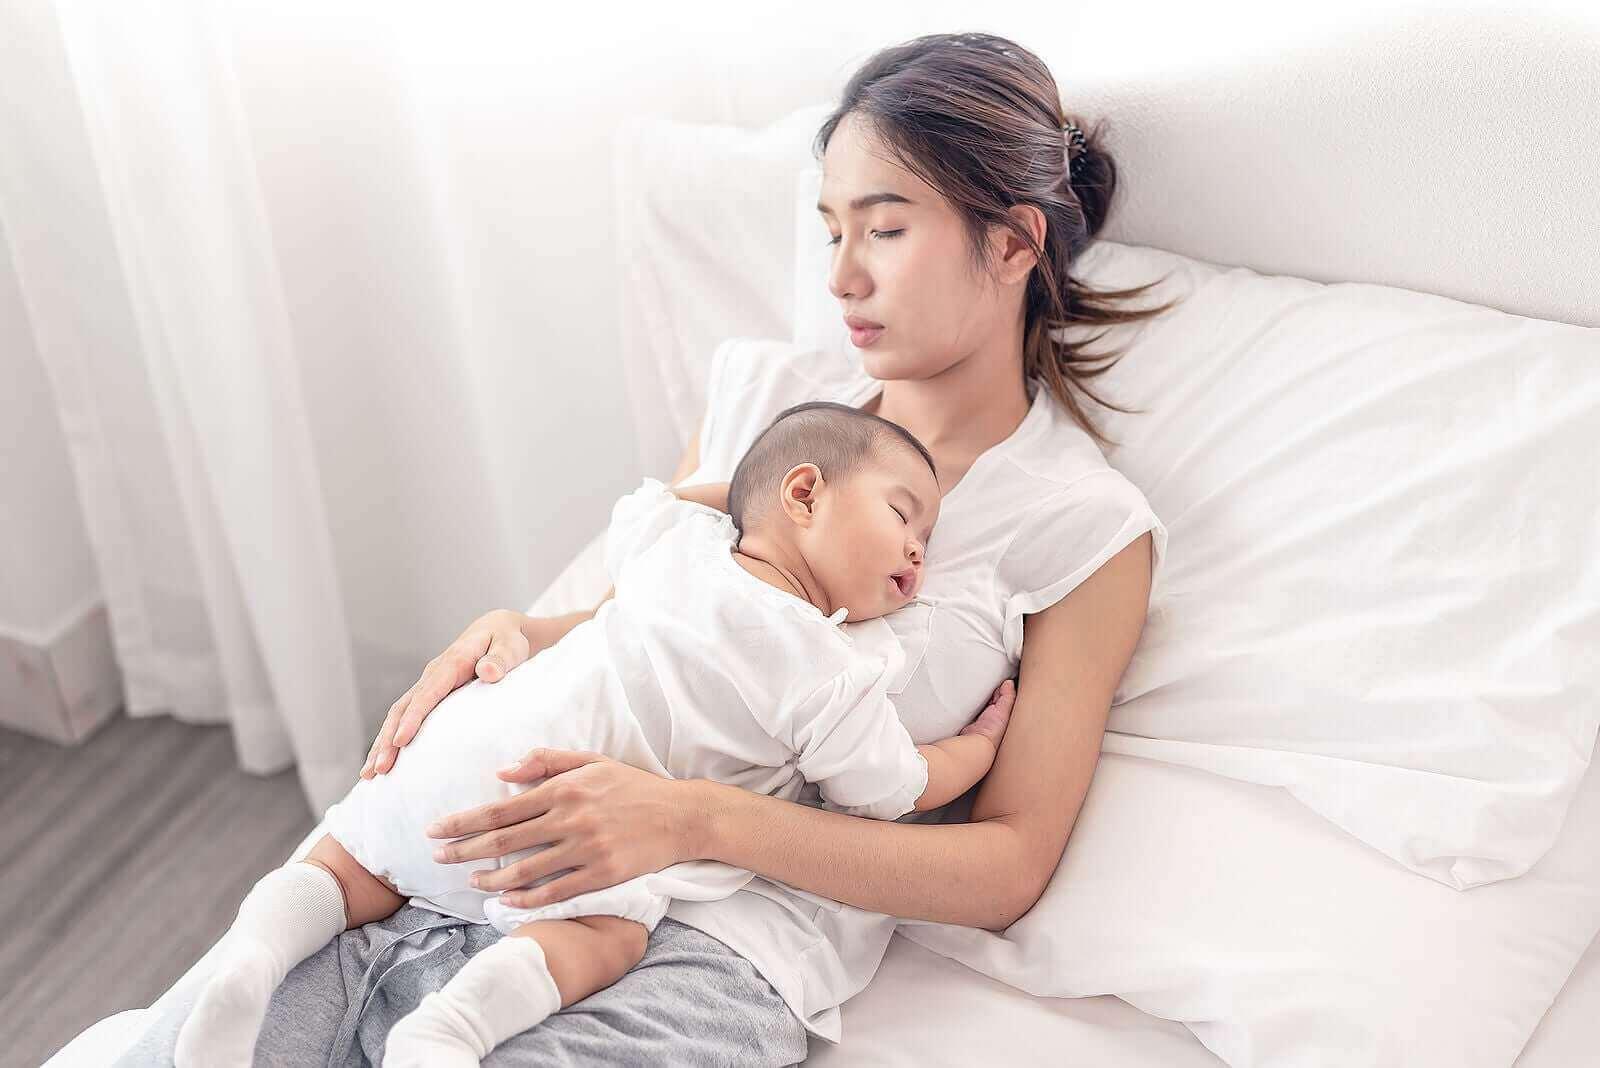 Une maman avec son enfant endormi sur le ventre.